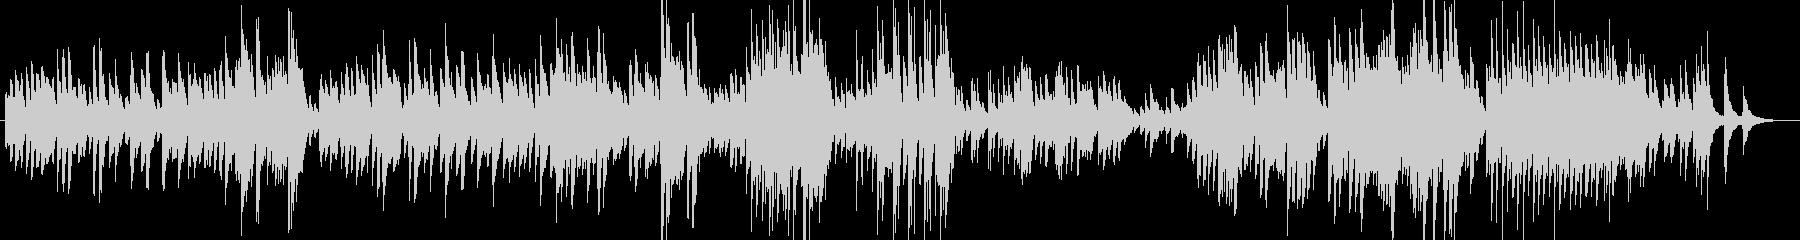 しっとりと揺らぐピアノサウンドの未再生の波形